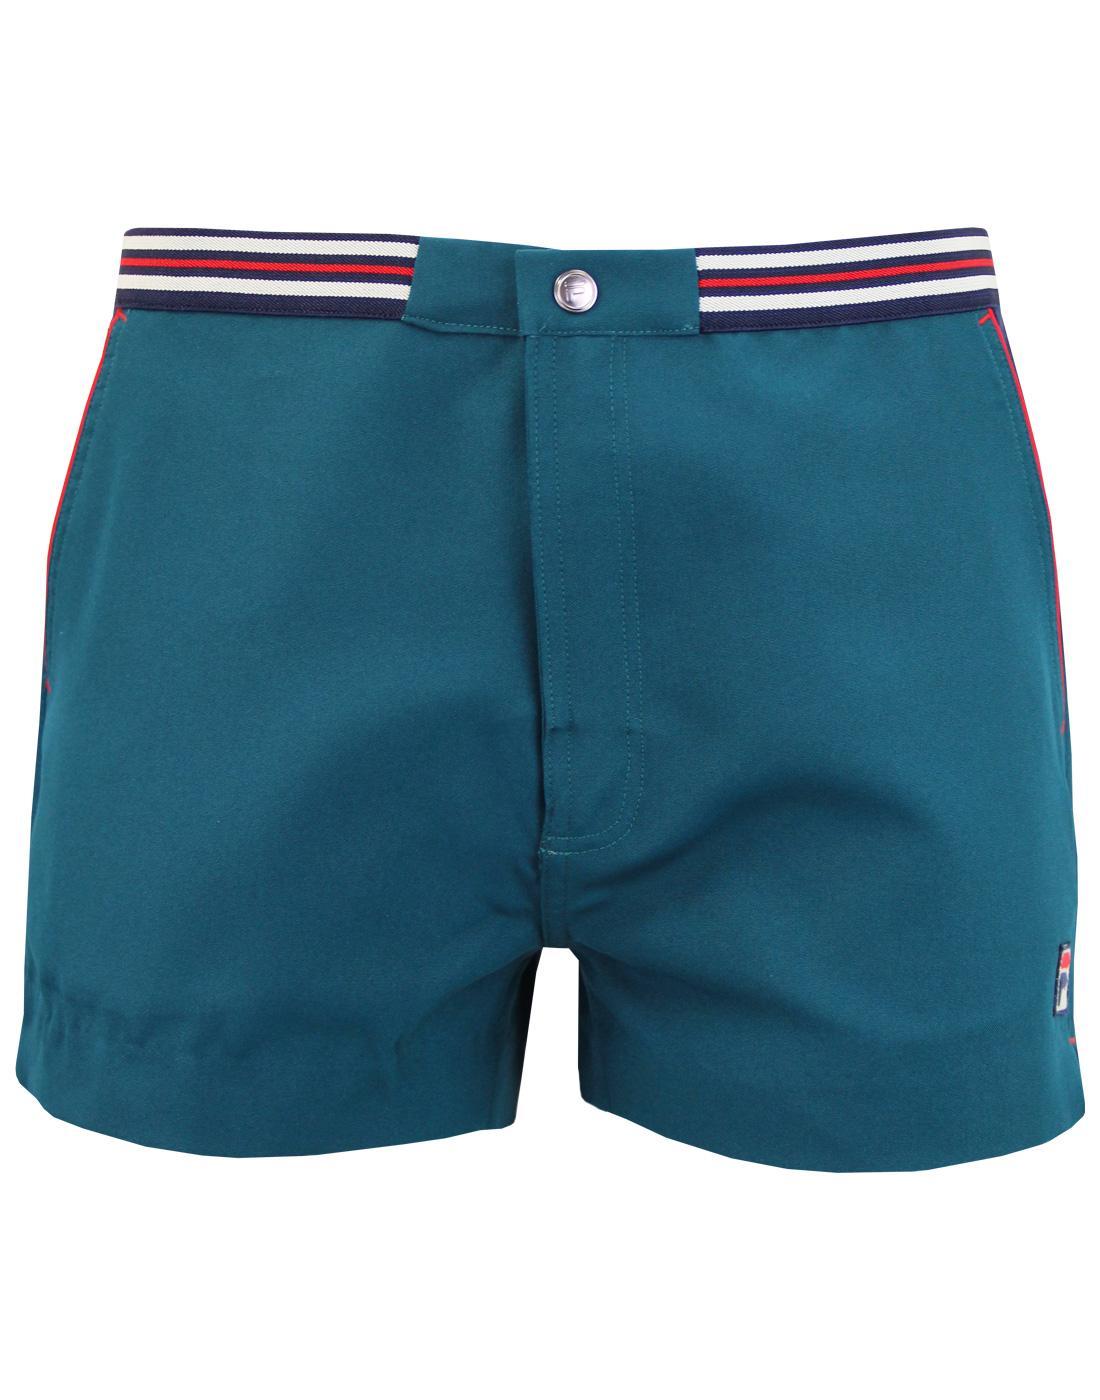 Hightide 4 FILA VINTAGE Mens 70s Tennis Shorts JB